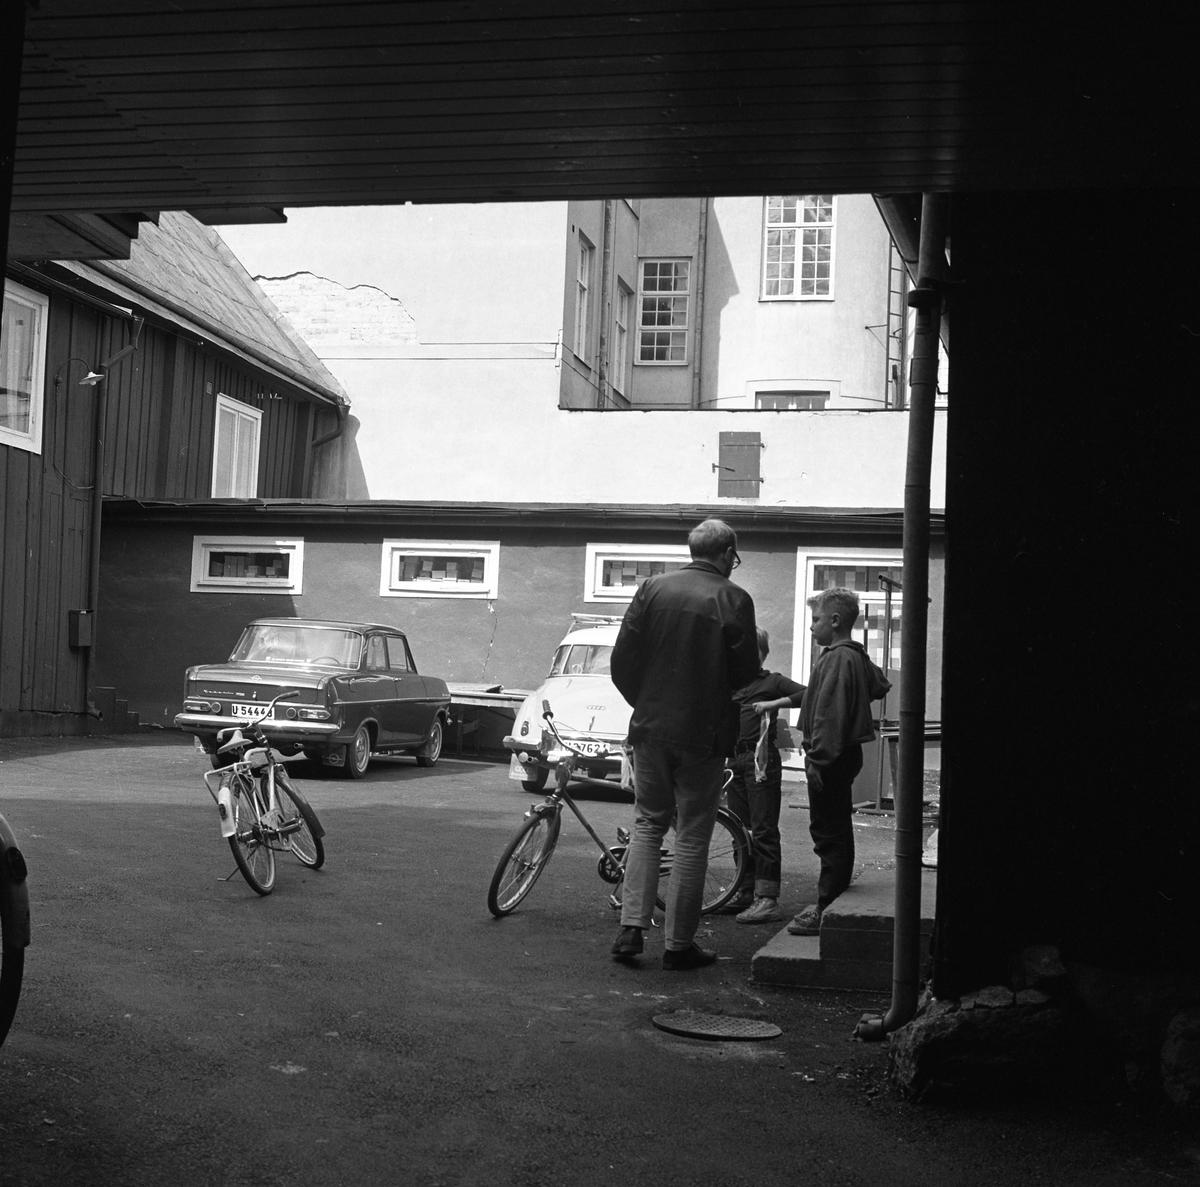 Arboga Tidning gör en enkät om skolan. En journalist intervjuar skolbarn. Platsen är en innegård med bilar och cyklar parkerade.